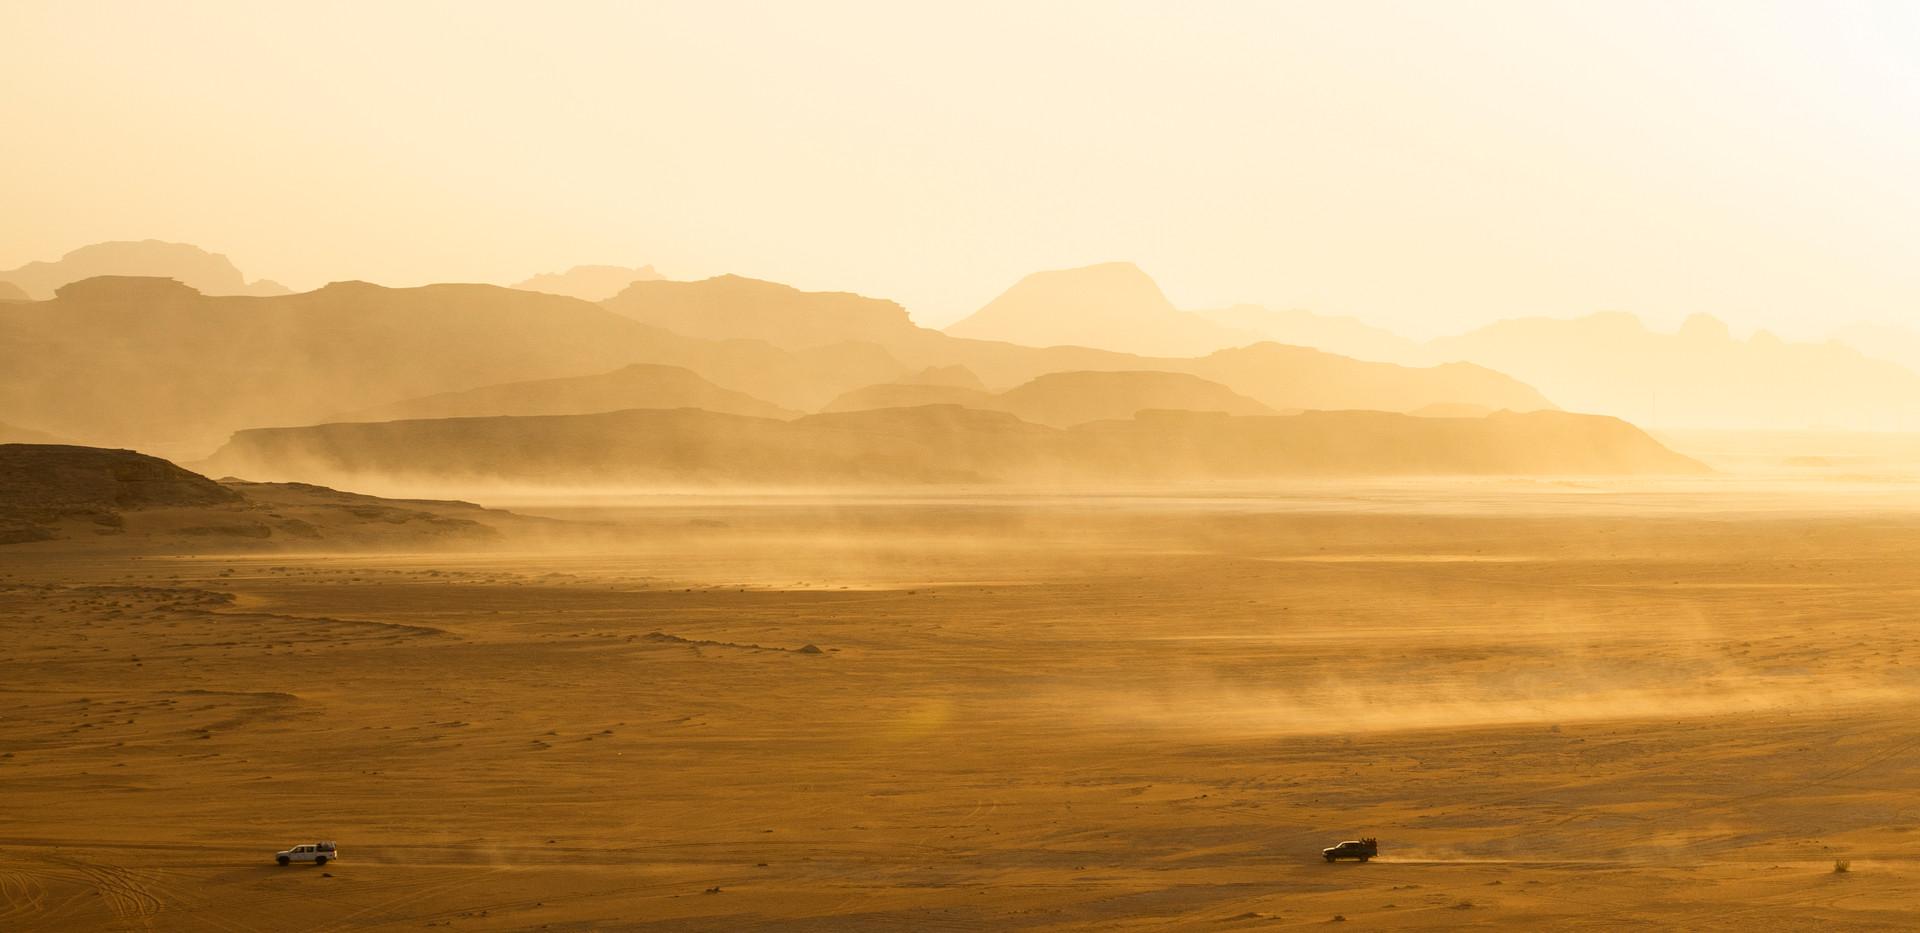 Jordan desert landscape